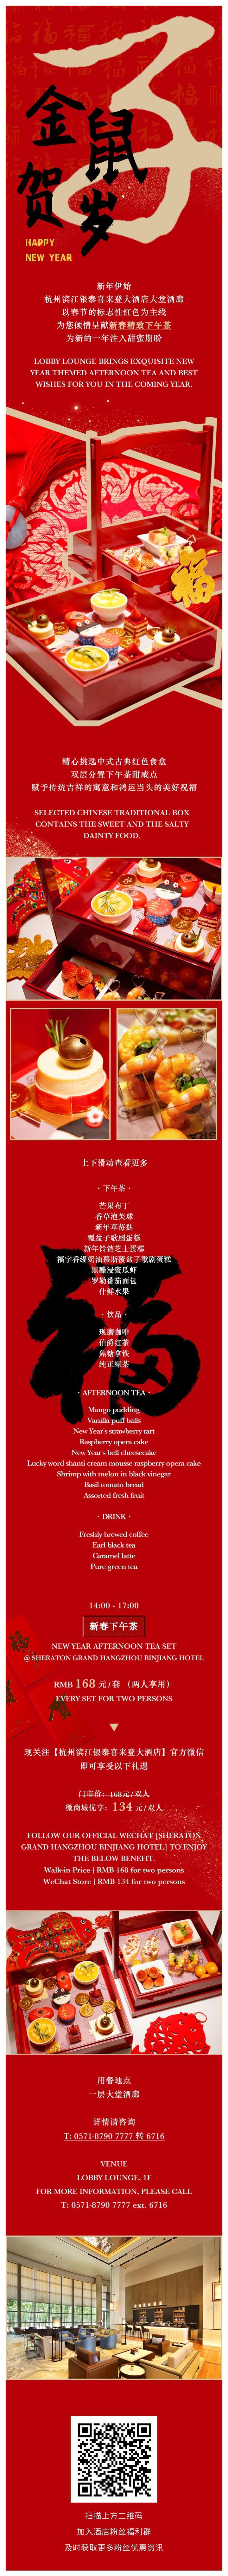 新春下午茶.jpg